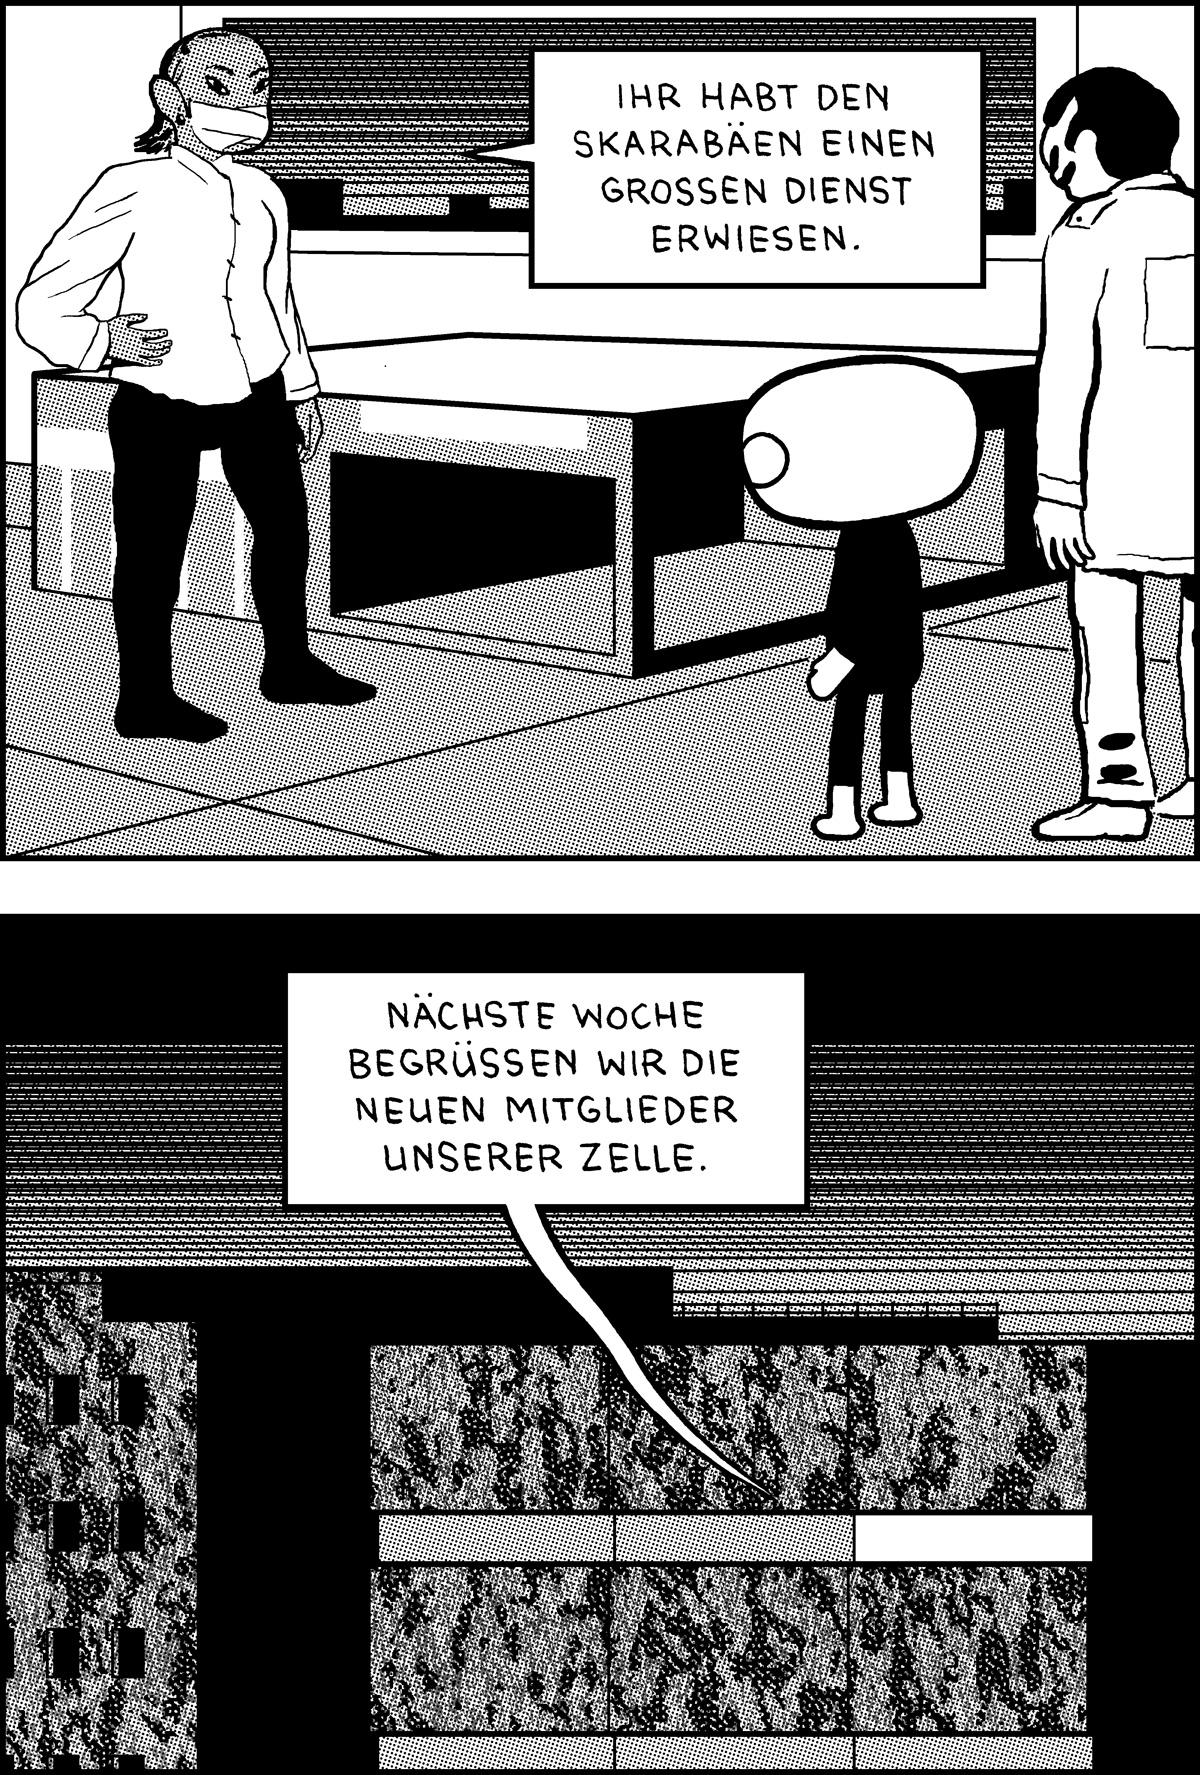 wirhaben06